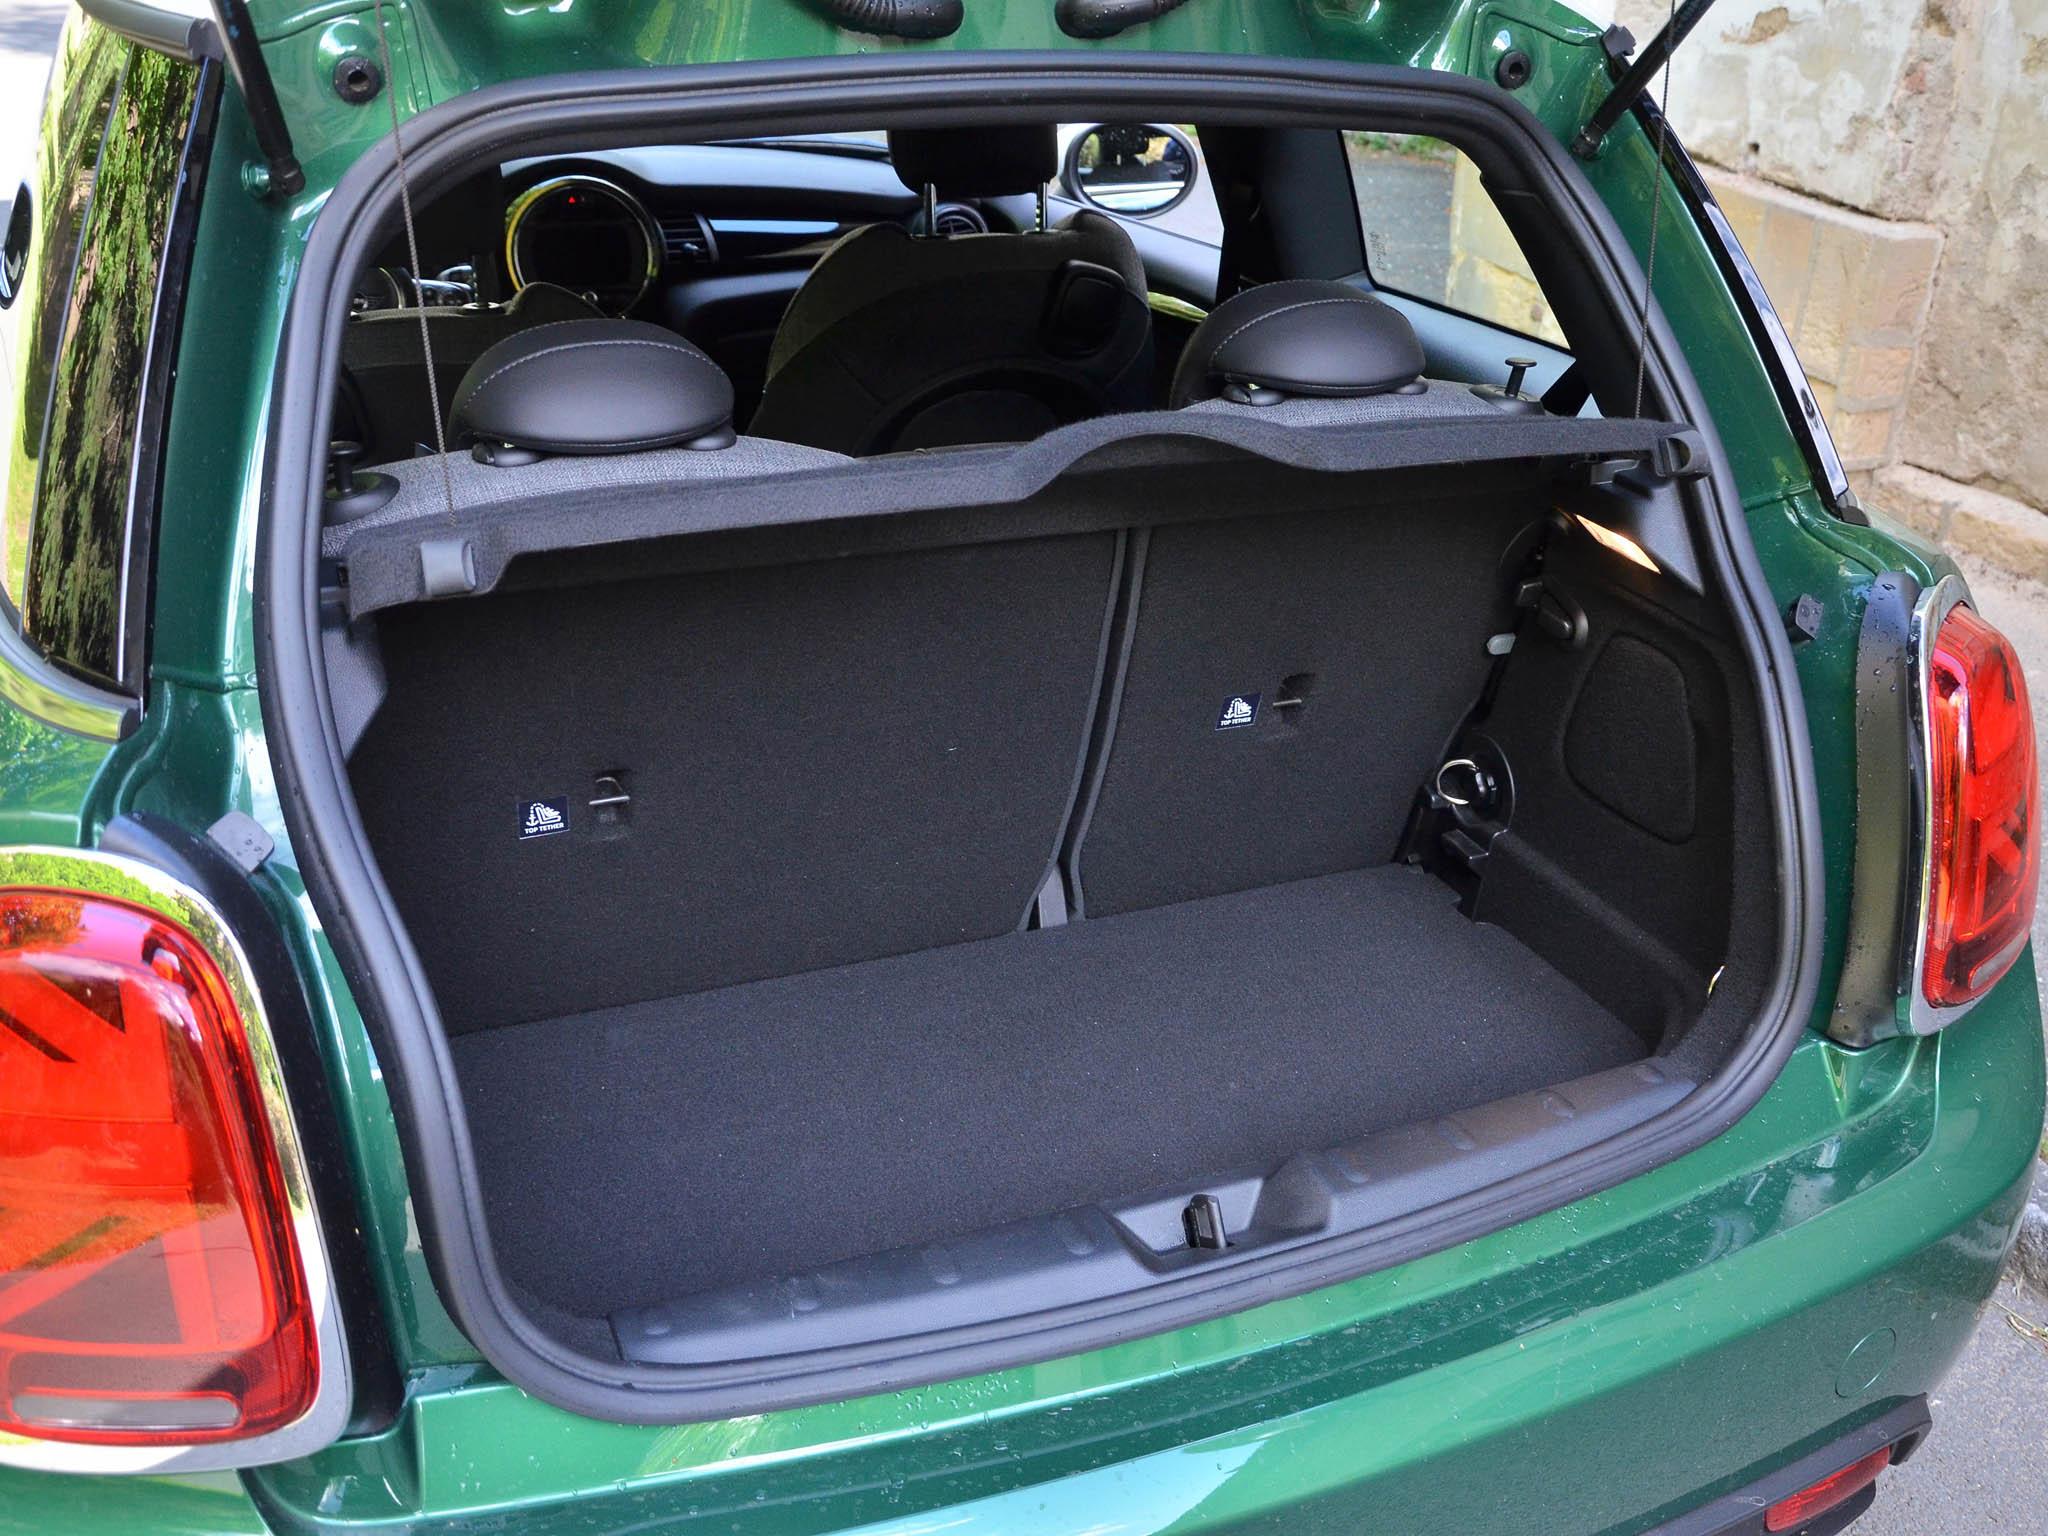 Kufr má skromných 211 litrů a vzadu jsou dvě místa, která vyhoví spíše menším dospělým nebo dětem.